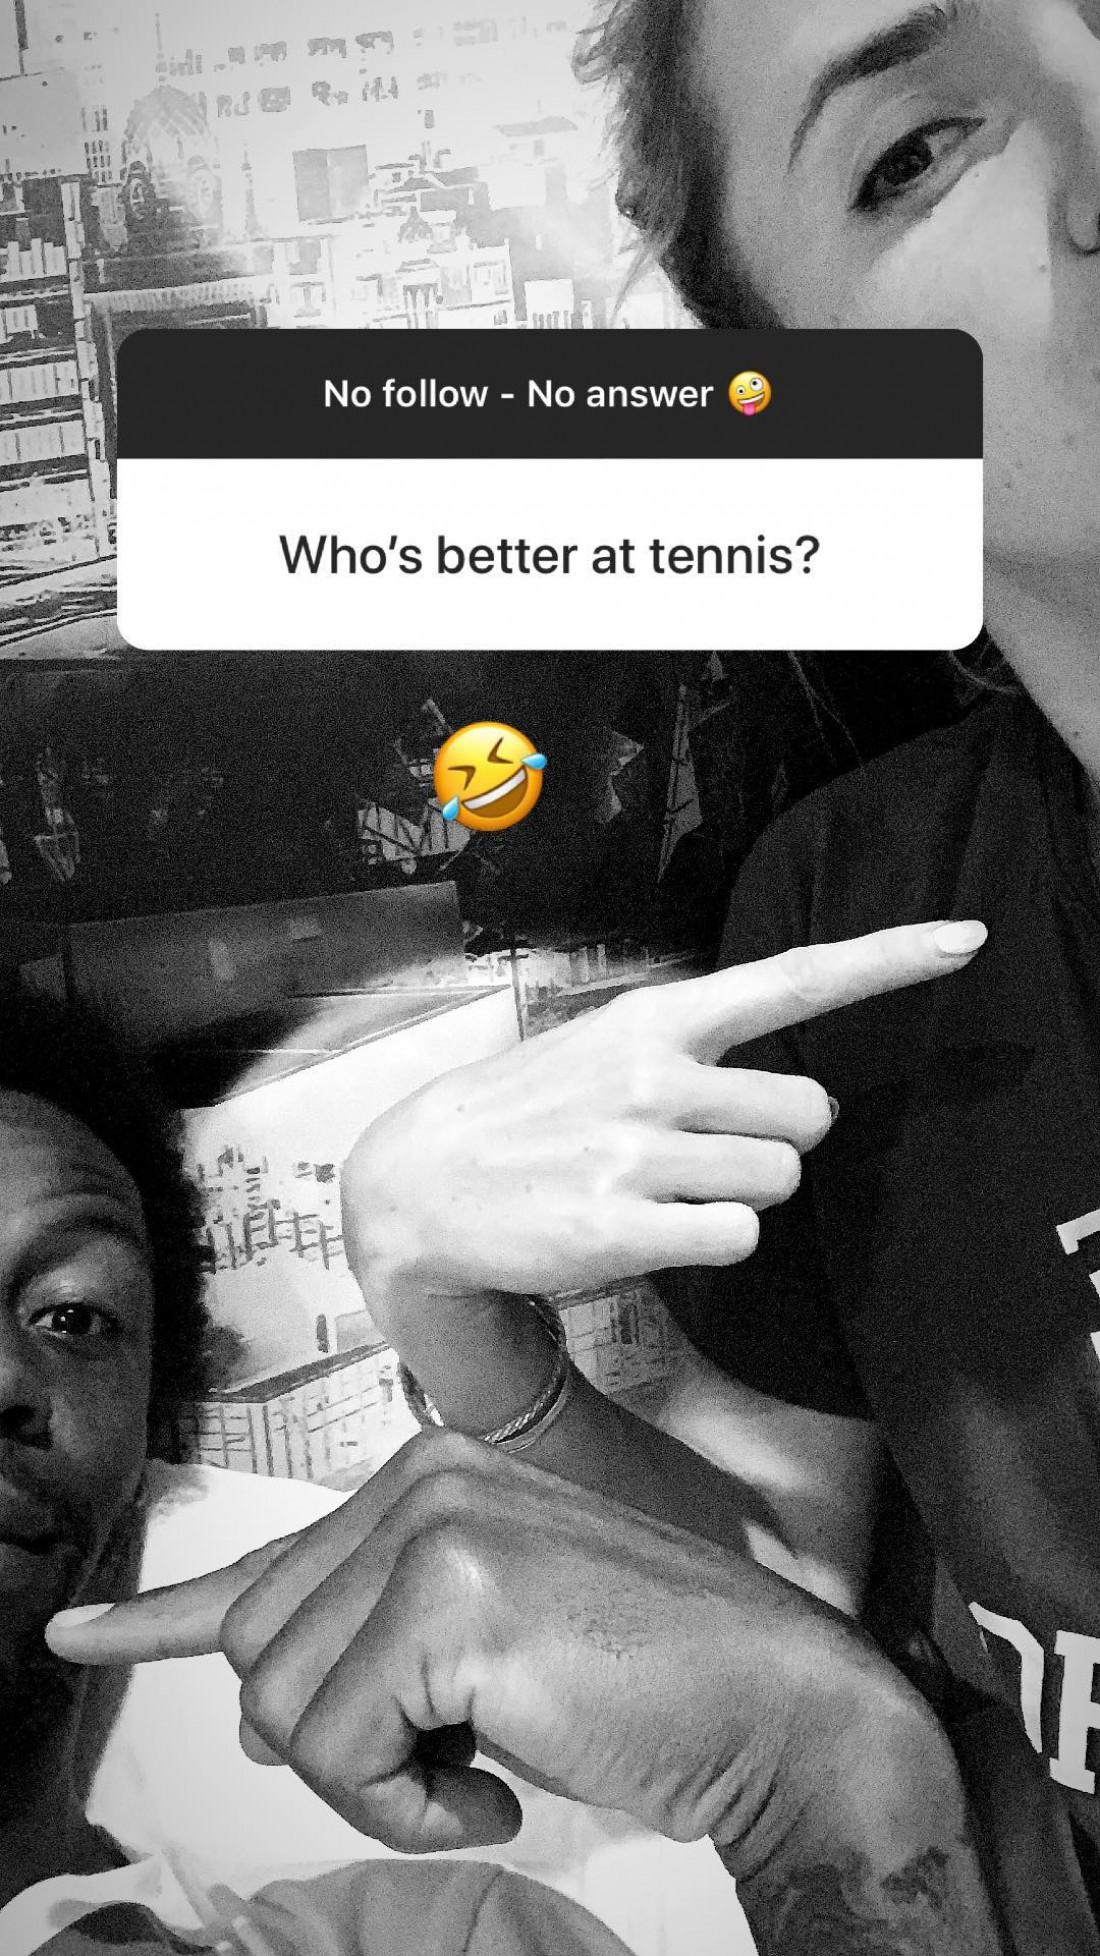 Кто лучше играет в теннис?